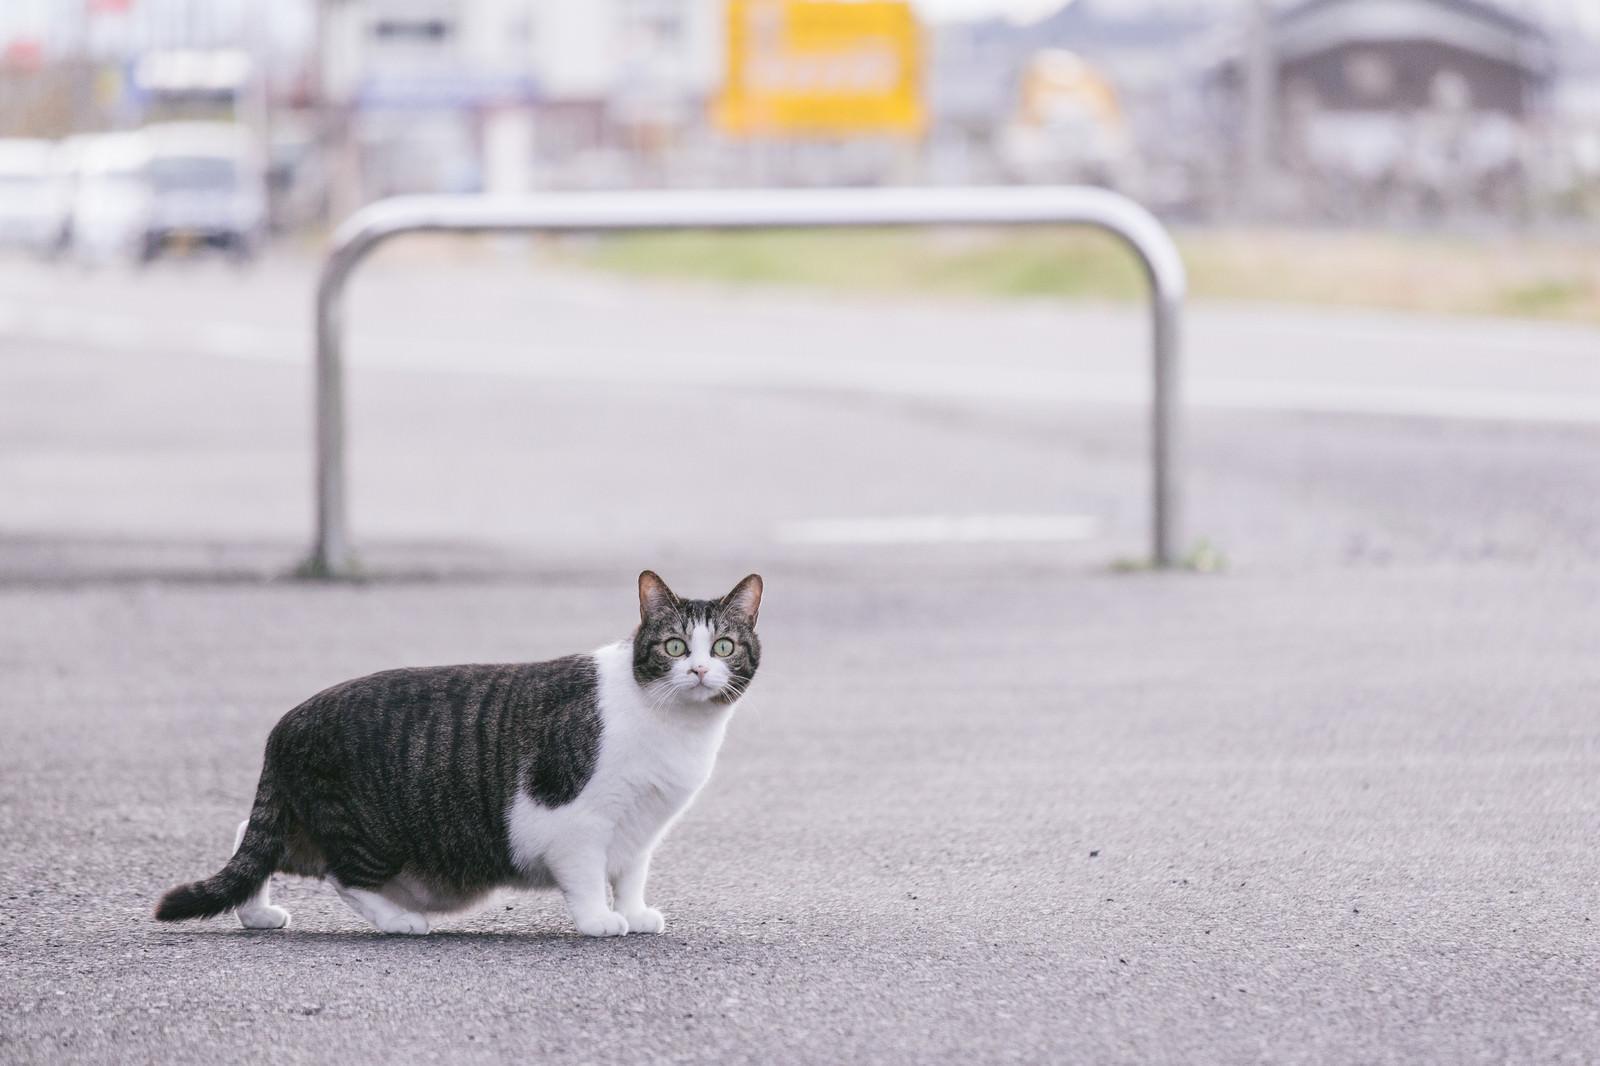 「白昼に飼い主の浮気現場を目撃して驚愕を隠せない猫」の写真